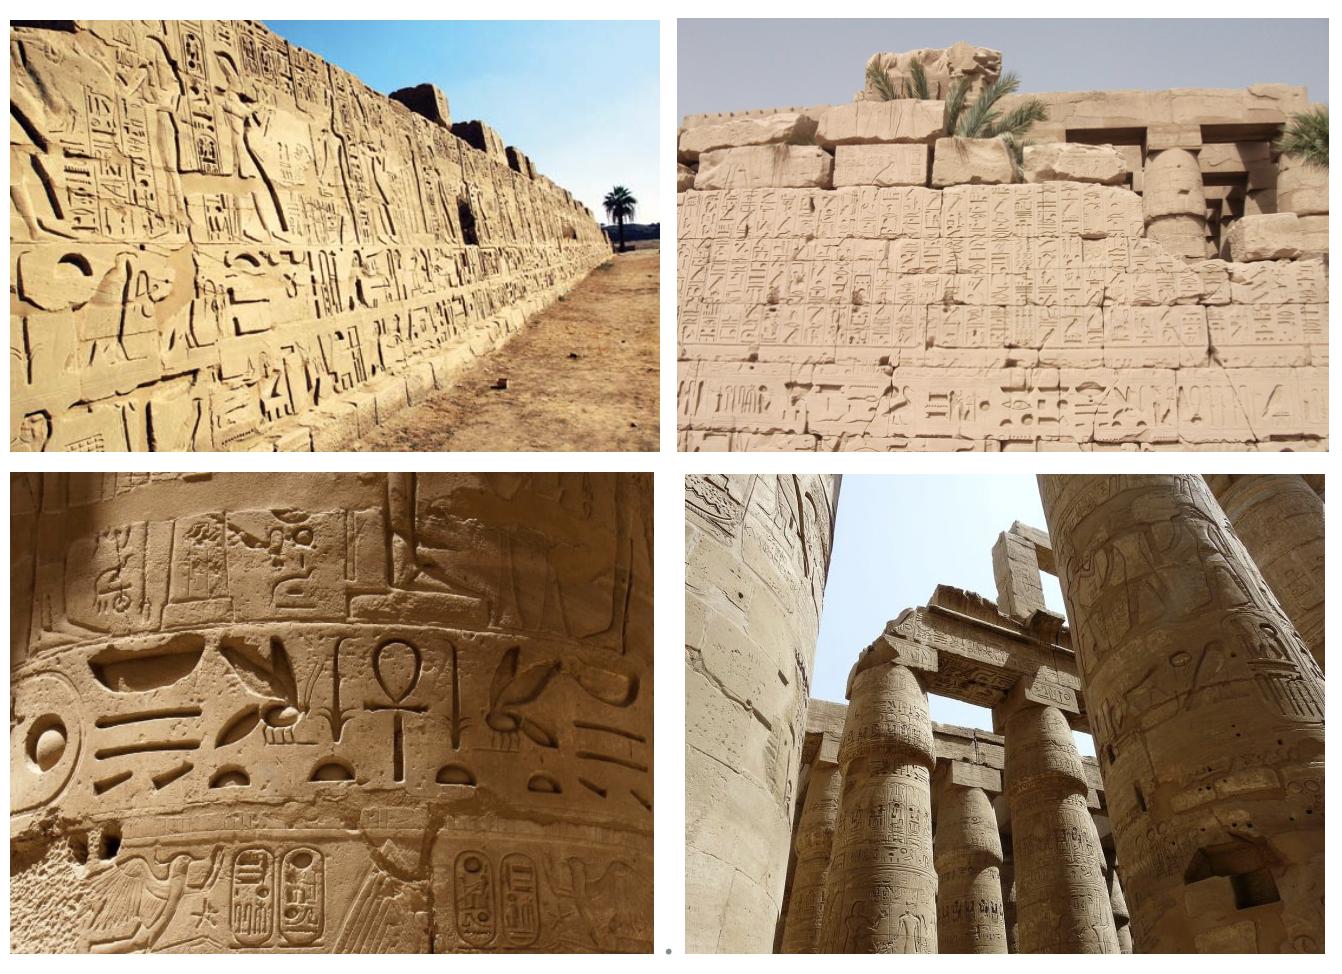 Hieroglyphs on a temple wall, Karnak, Egypt